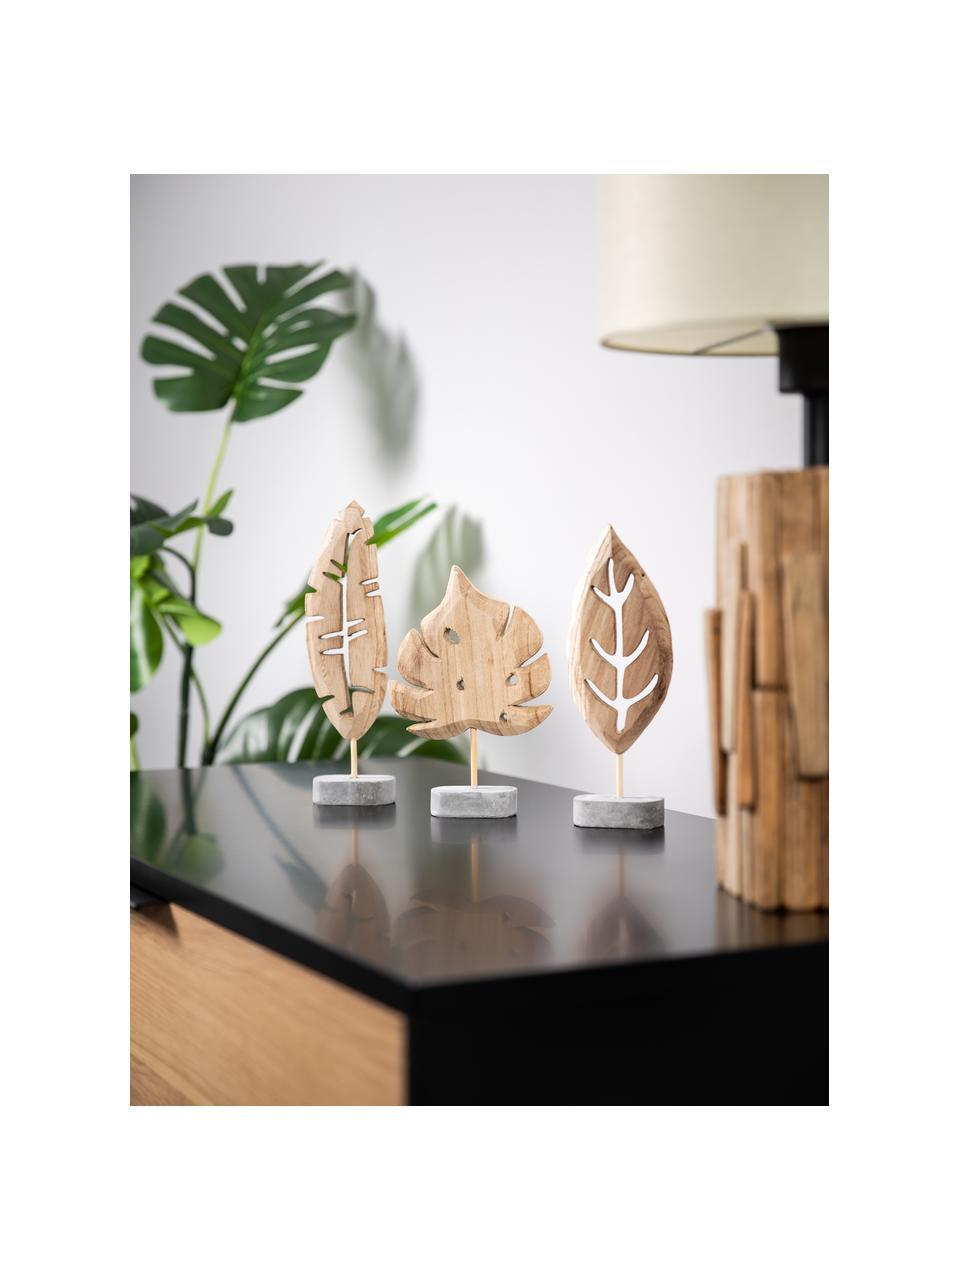 Komplet dekoracji Blatt, 3 elem., Podstawa: szary Dekoracja: drewno paulownia, Komplet z różnymi rozmiarami